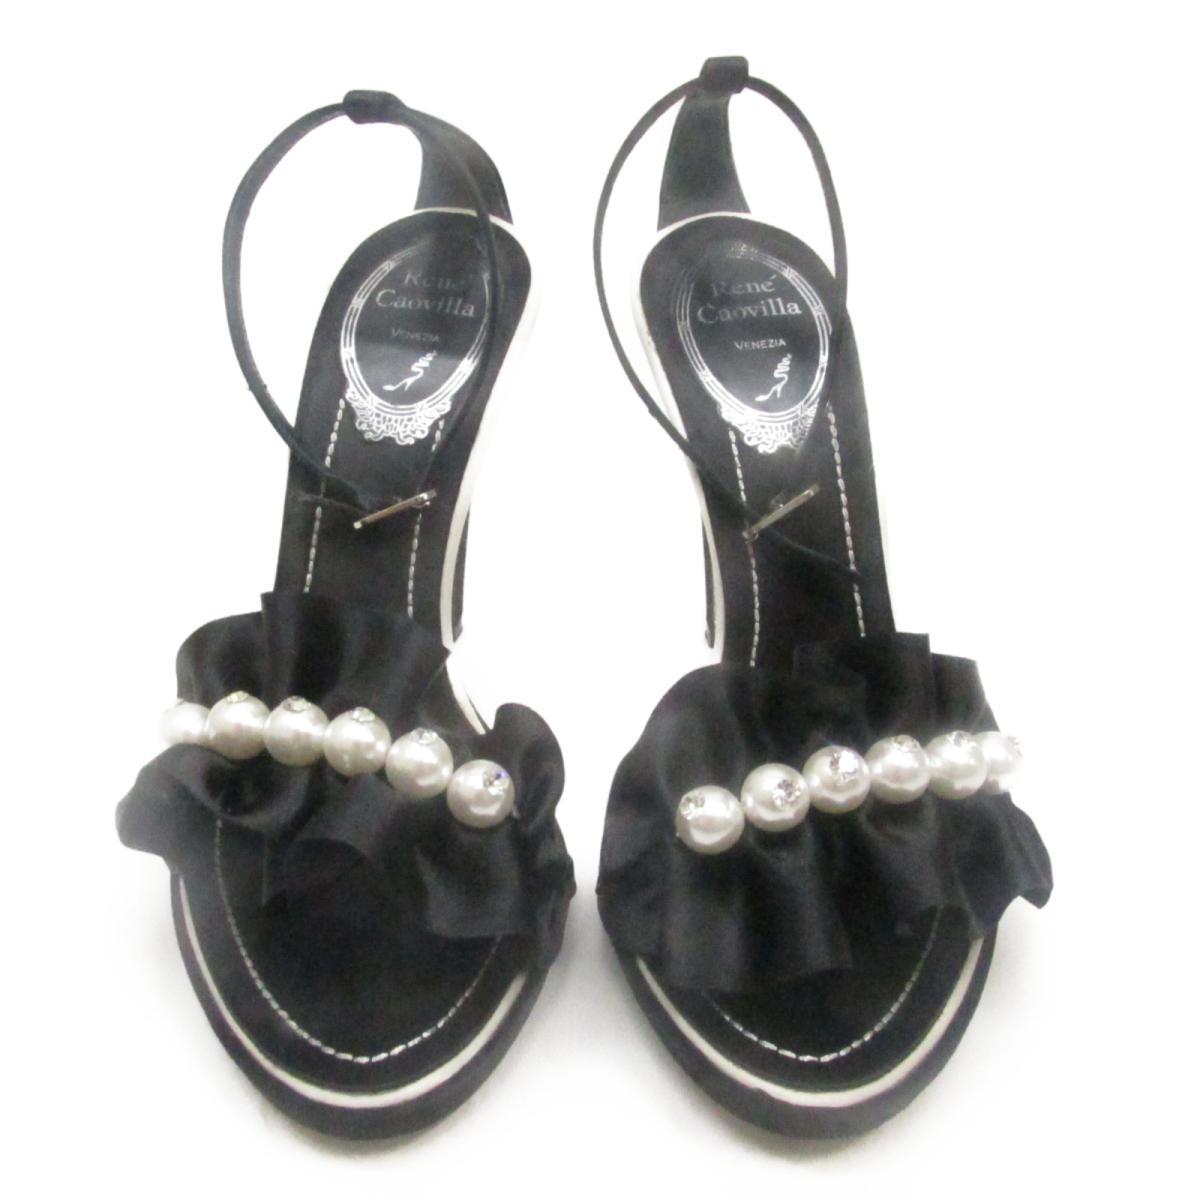 【中古】 セレクション Rene' Caovilla ミュール レディース サテン パール ラインストーン | SELECTION くつ 靴Rene' Caovilla ミュール